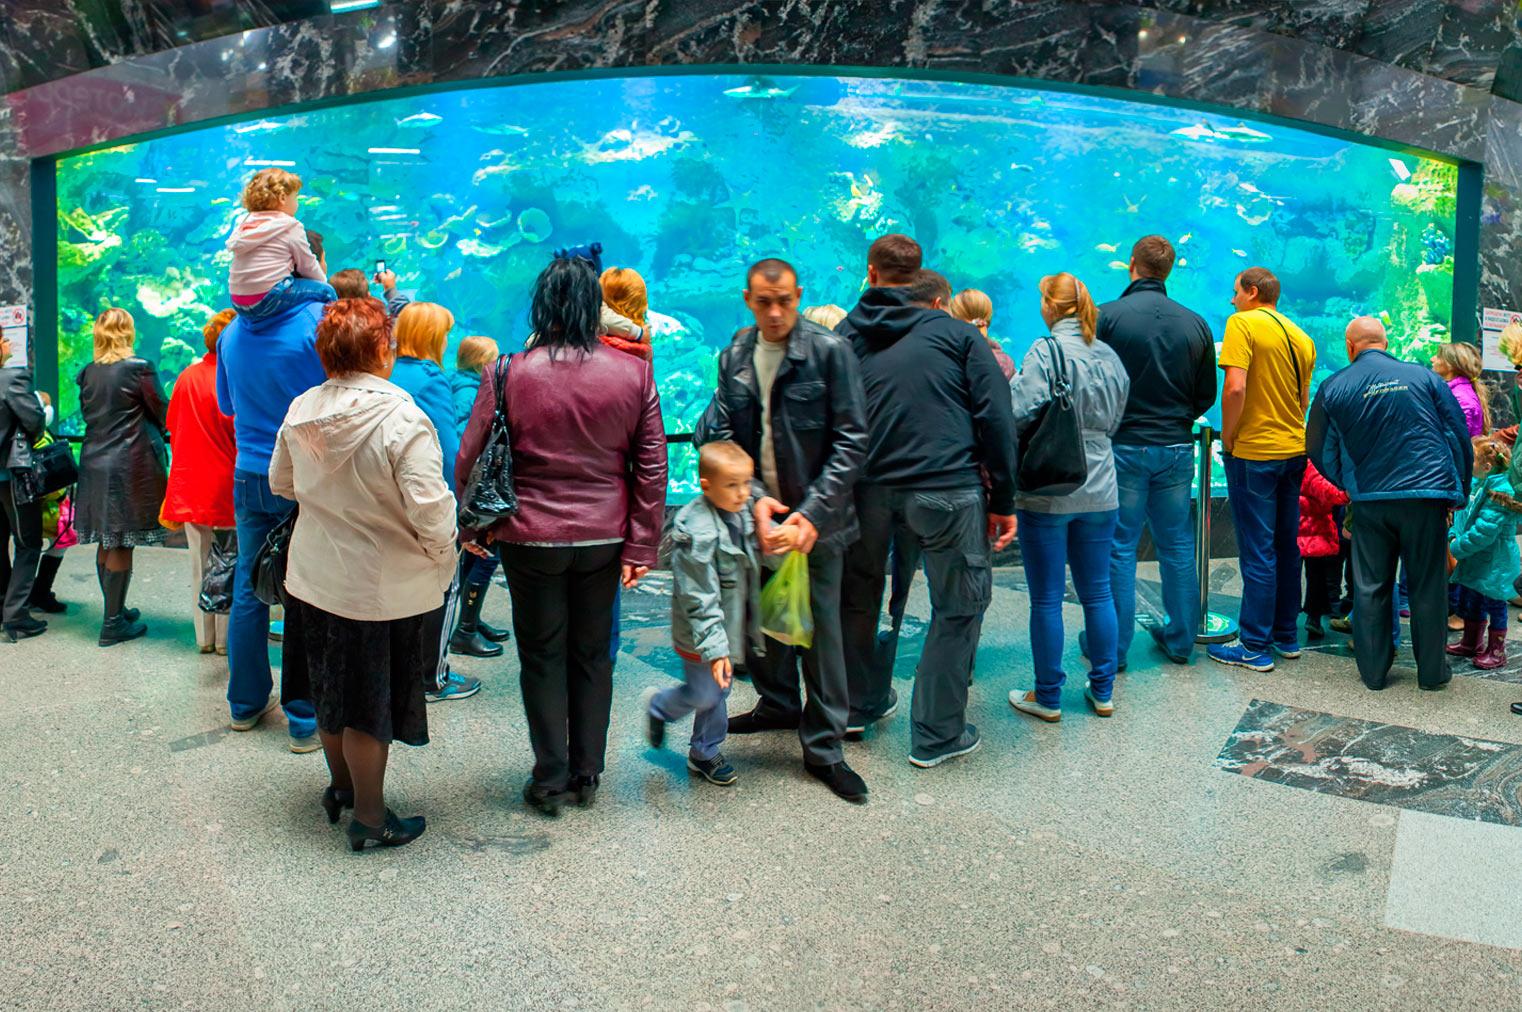 мегагринн москва фото аквариум медведь